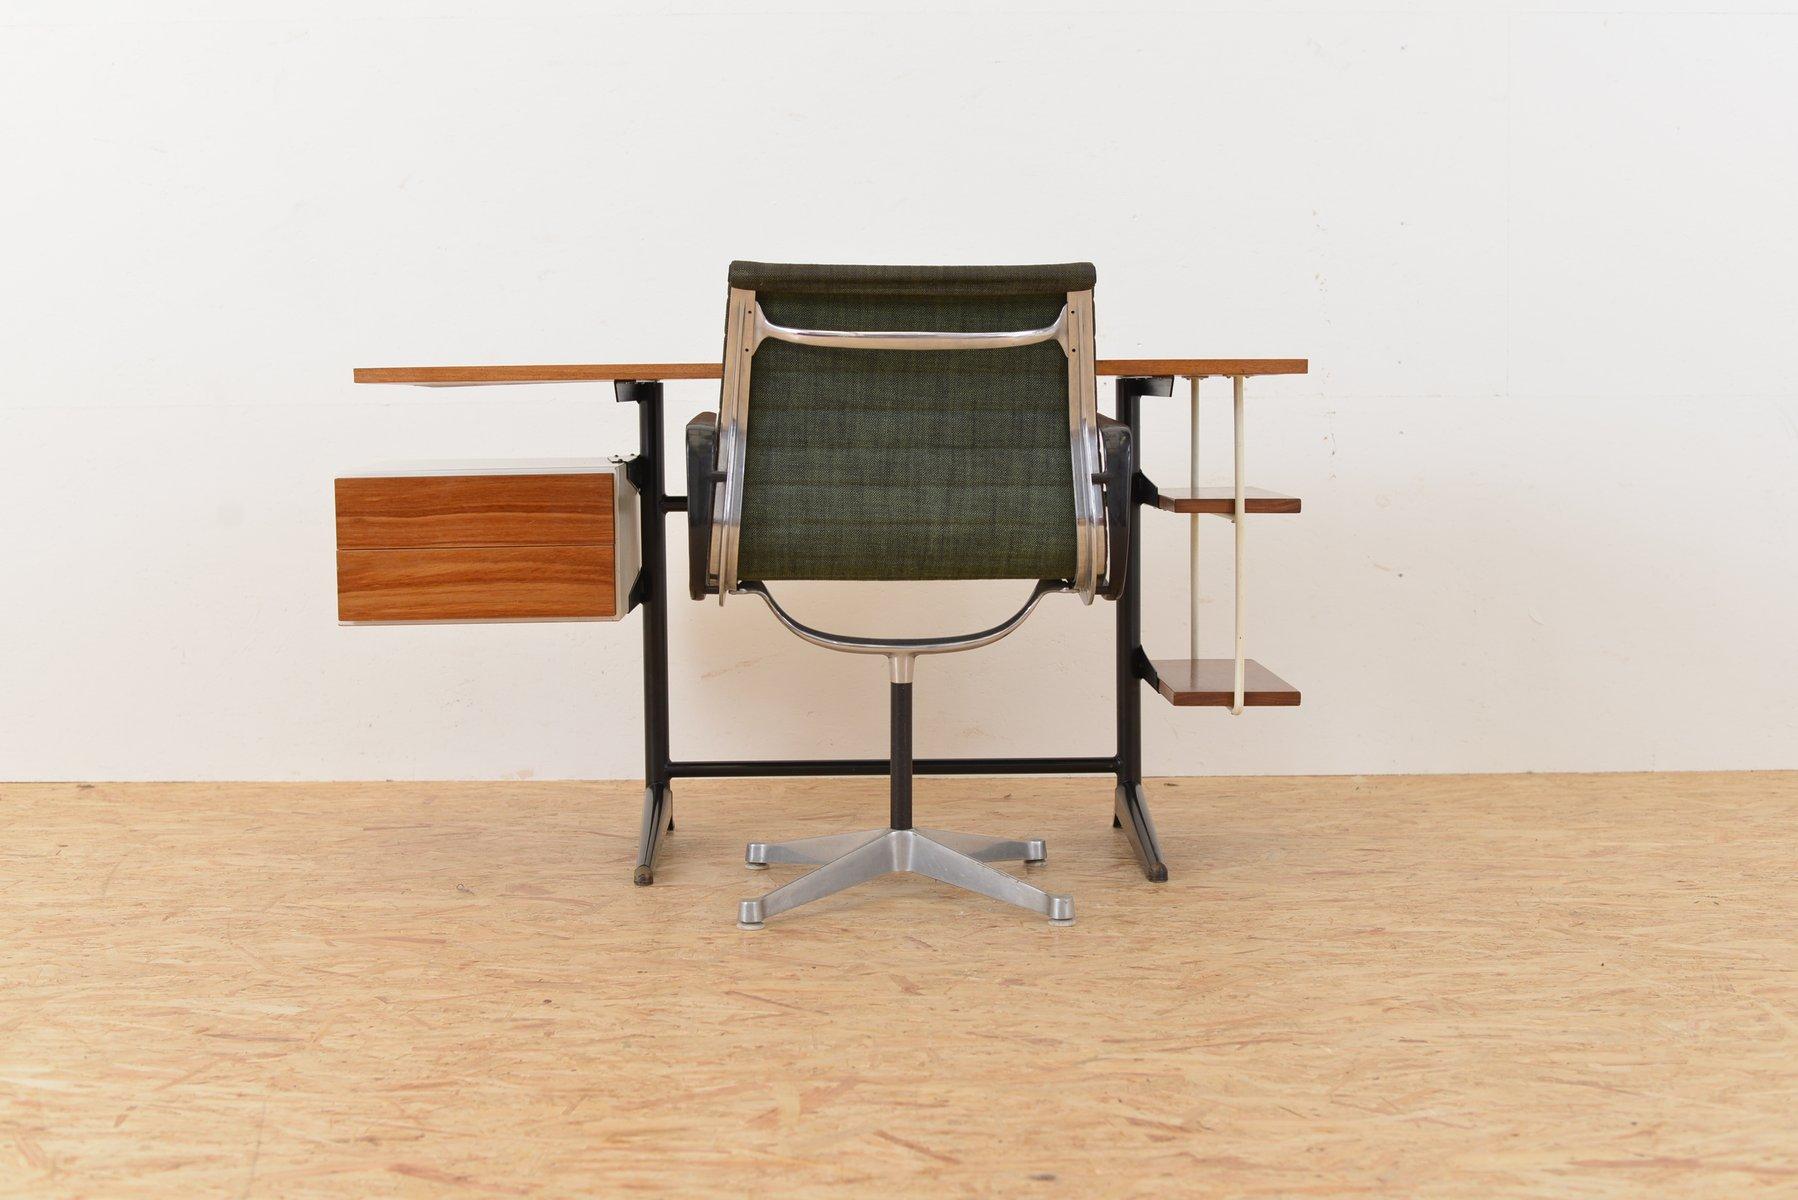 industrieller mid century schreibtisch von marko bei pamono kaufen. Black Bedroom Furniture Sets. Home Design Ideas